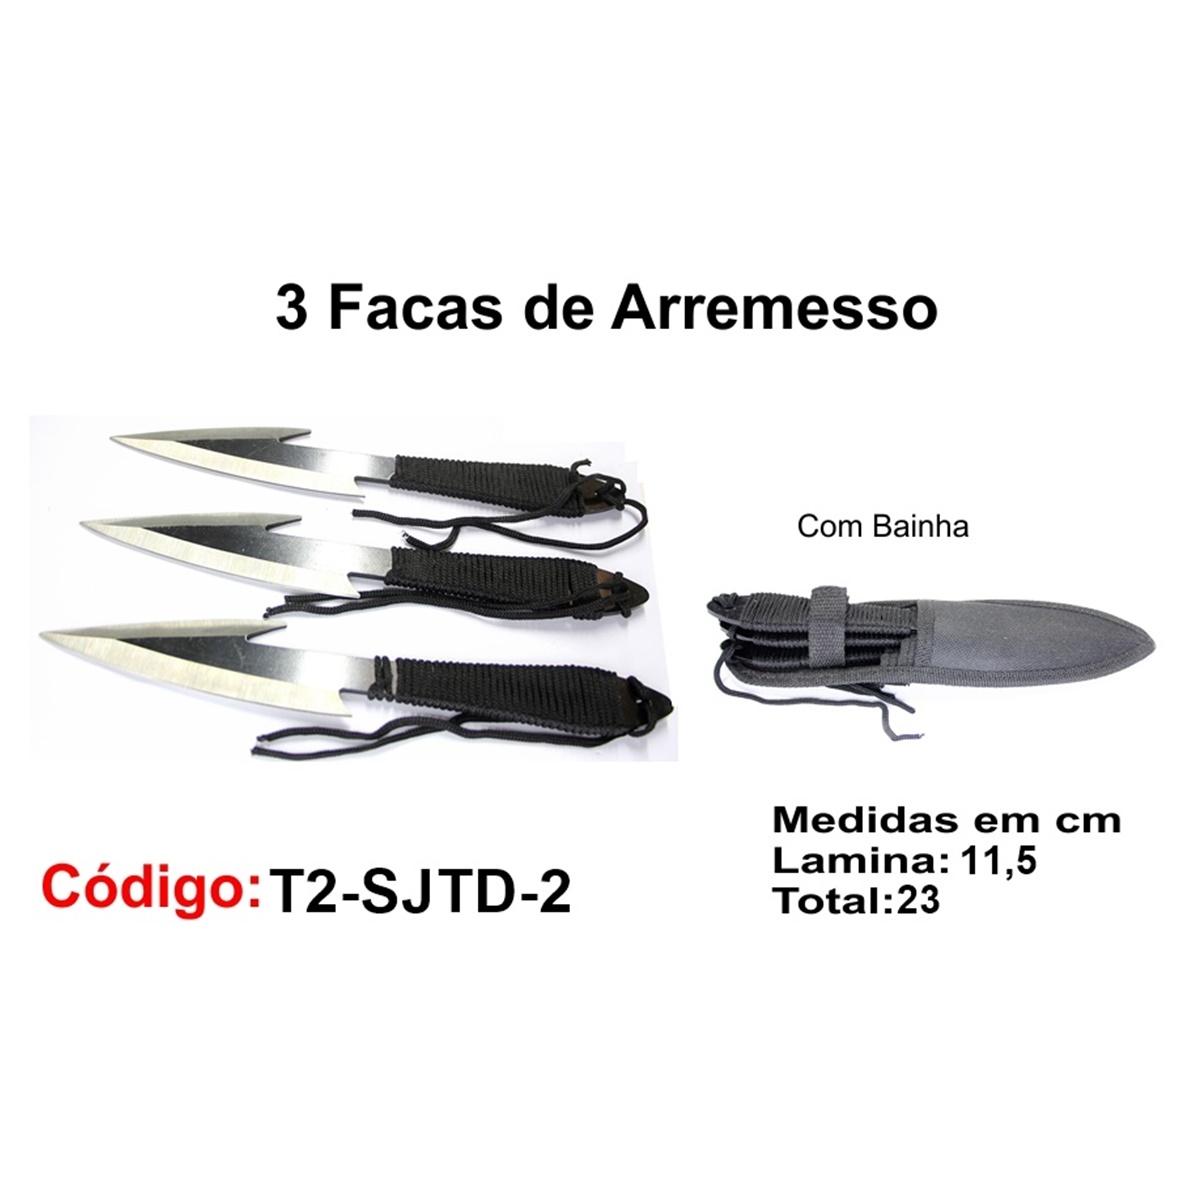 3 Facas de Arremesso Esportiva Com Bainha Modelo Caça Pesca Etc T2-SJTD-2